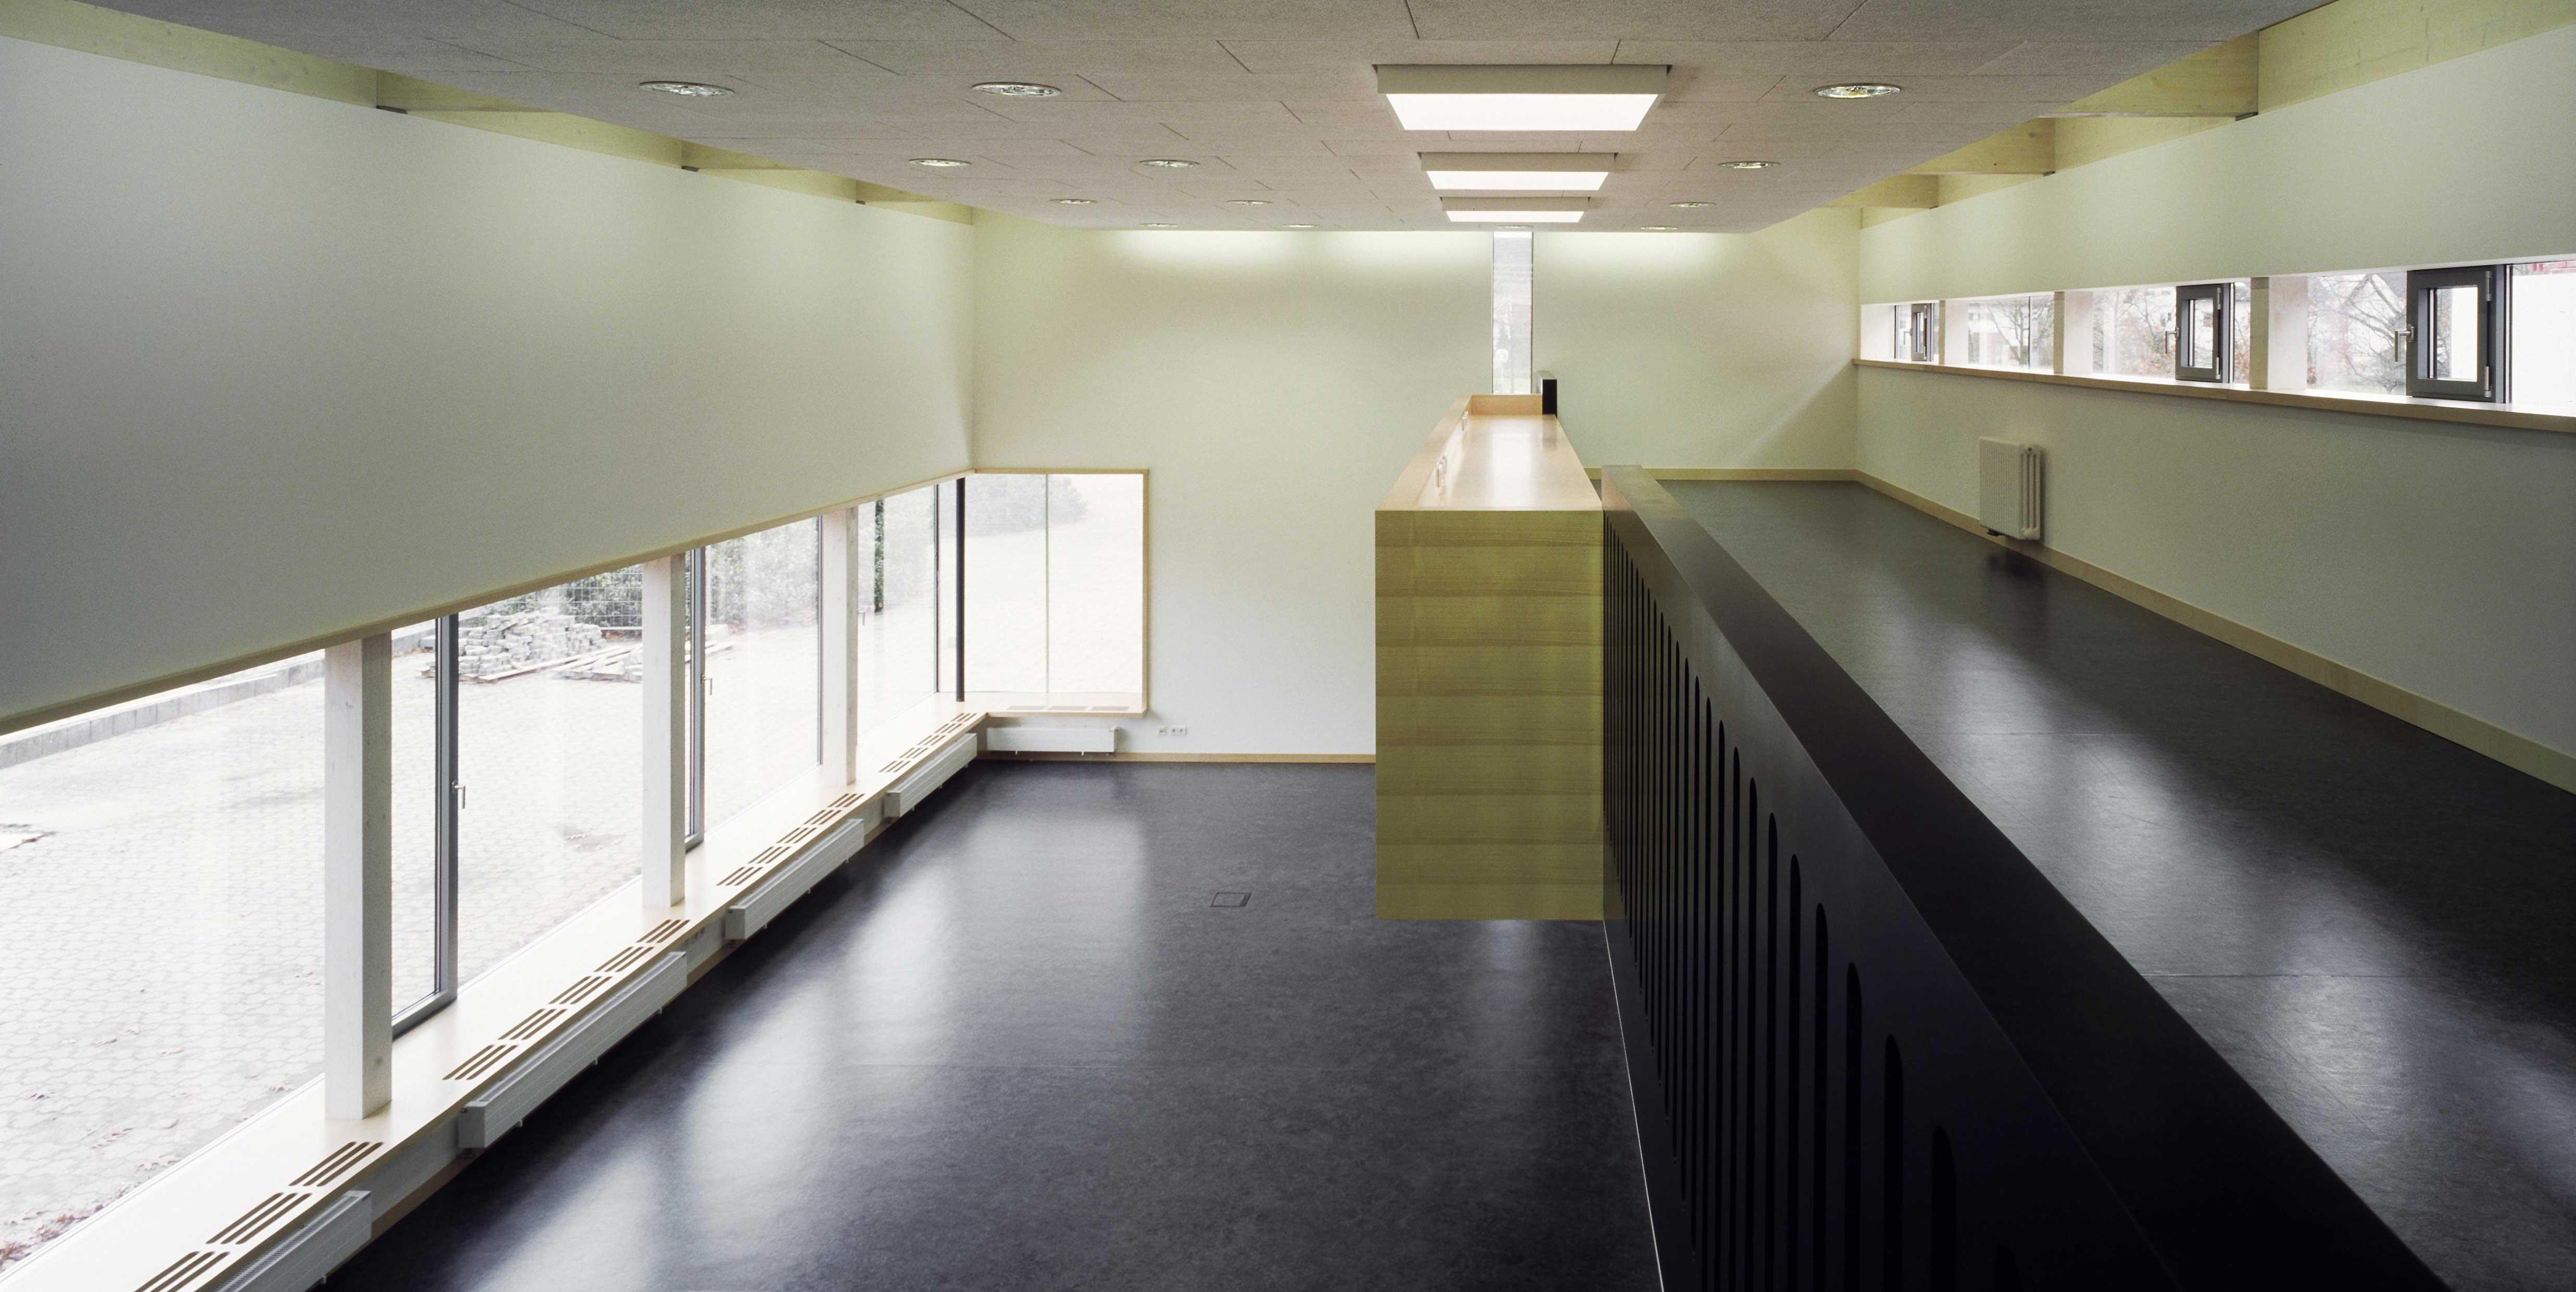 Innenausbau Schulzentrum - Schulsaal von oben